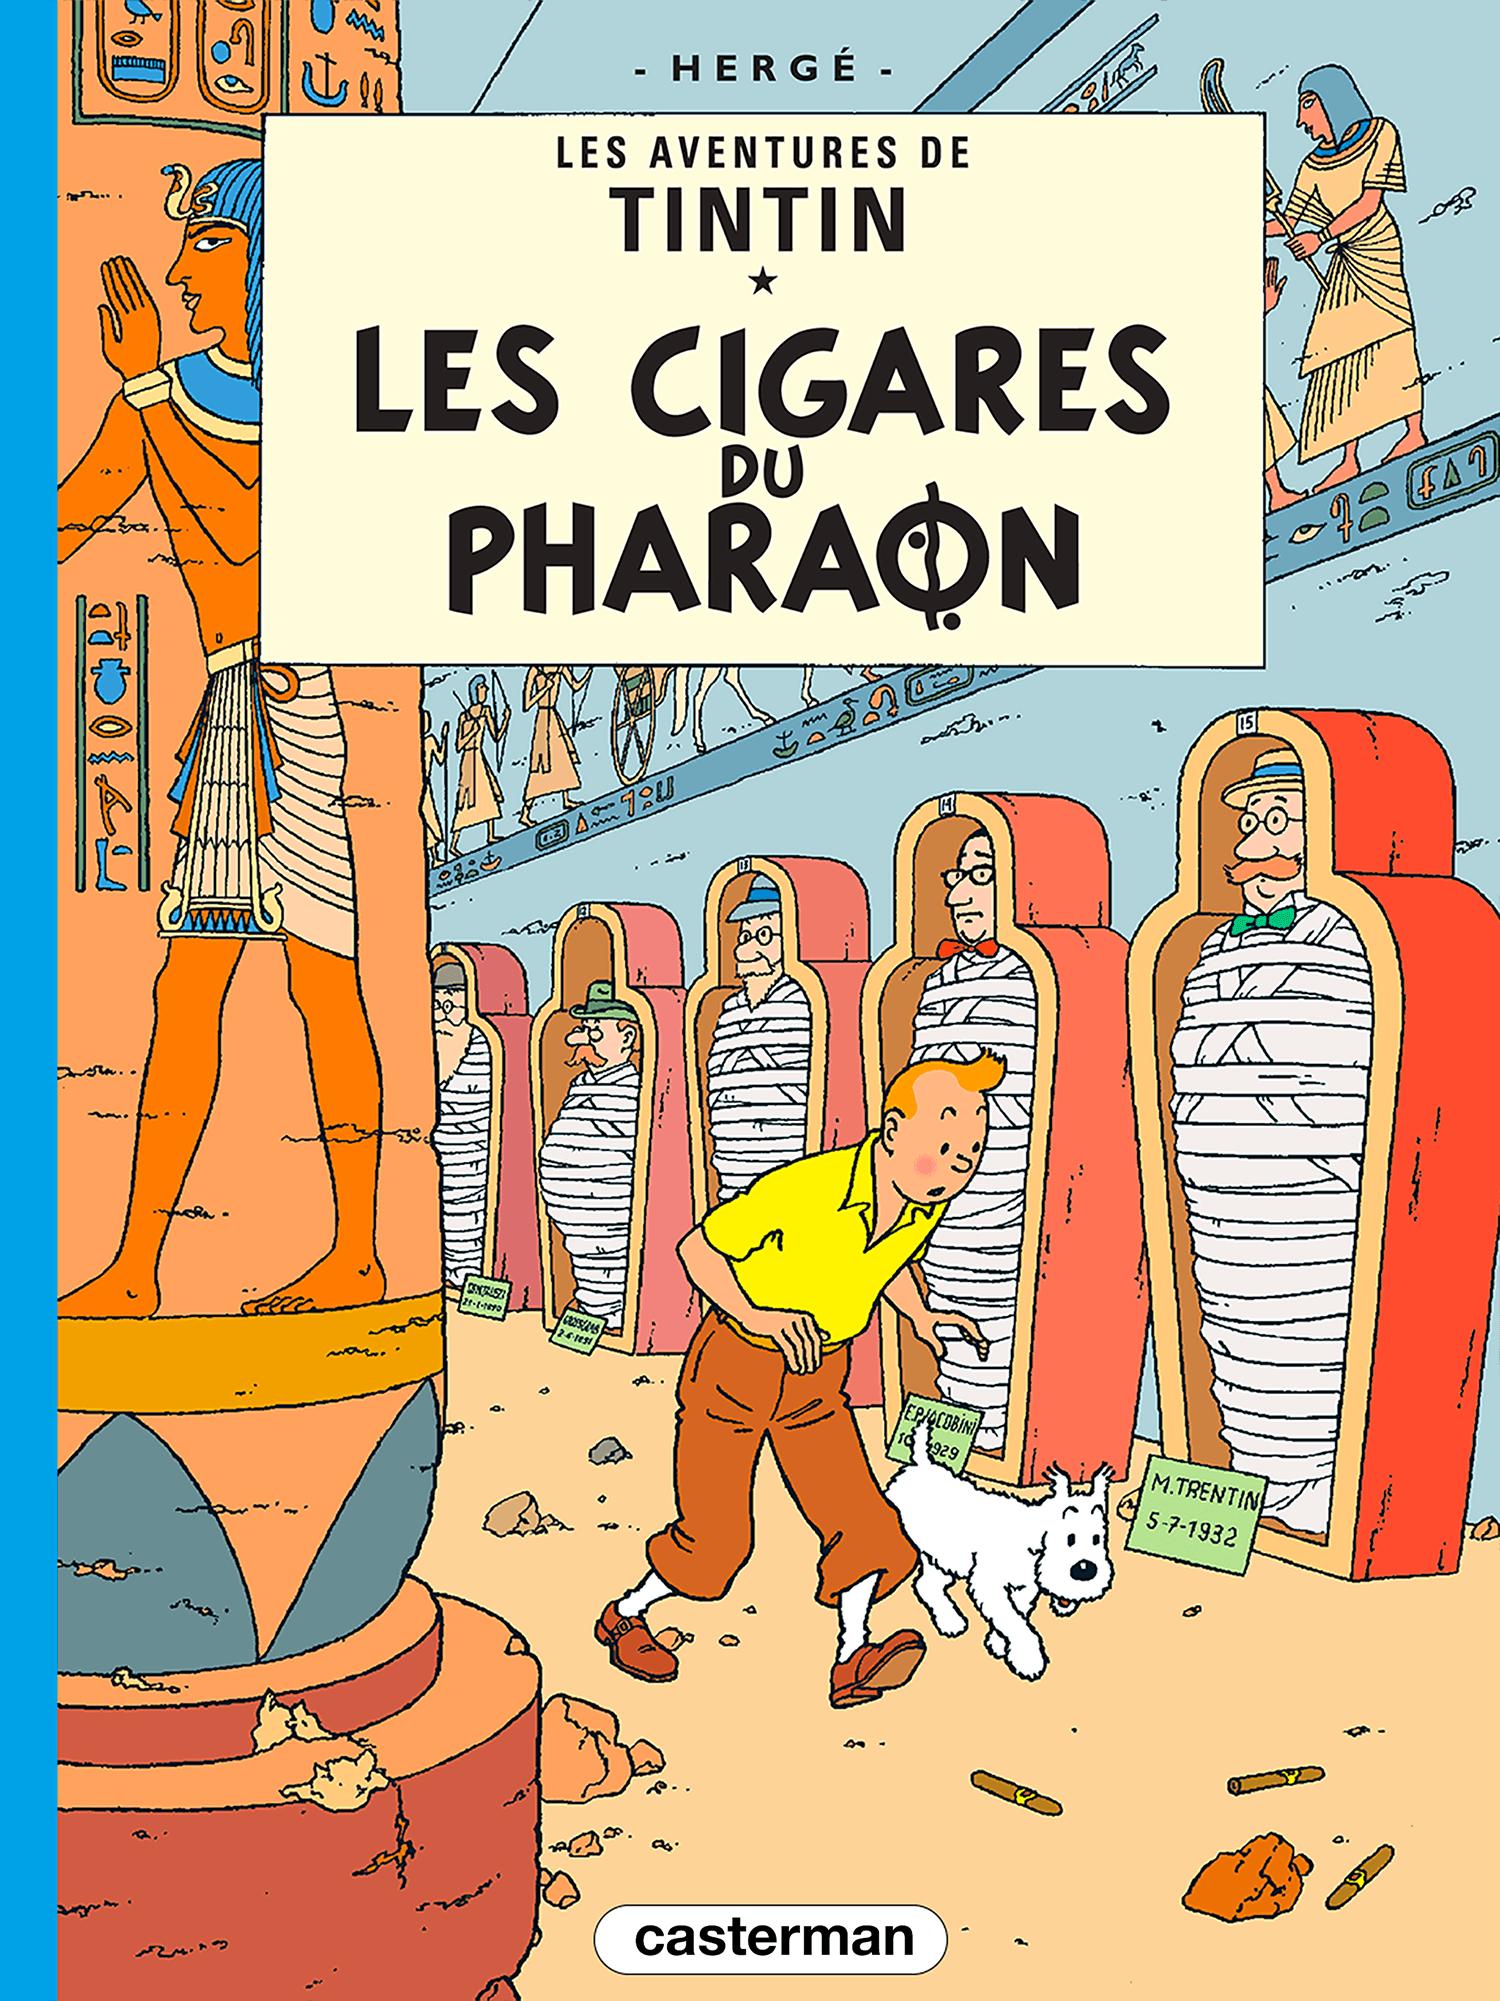 Couverture de l'album Les Cigares du Pharaon, les aventures de Tintin par Hergé